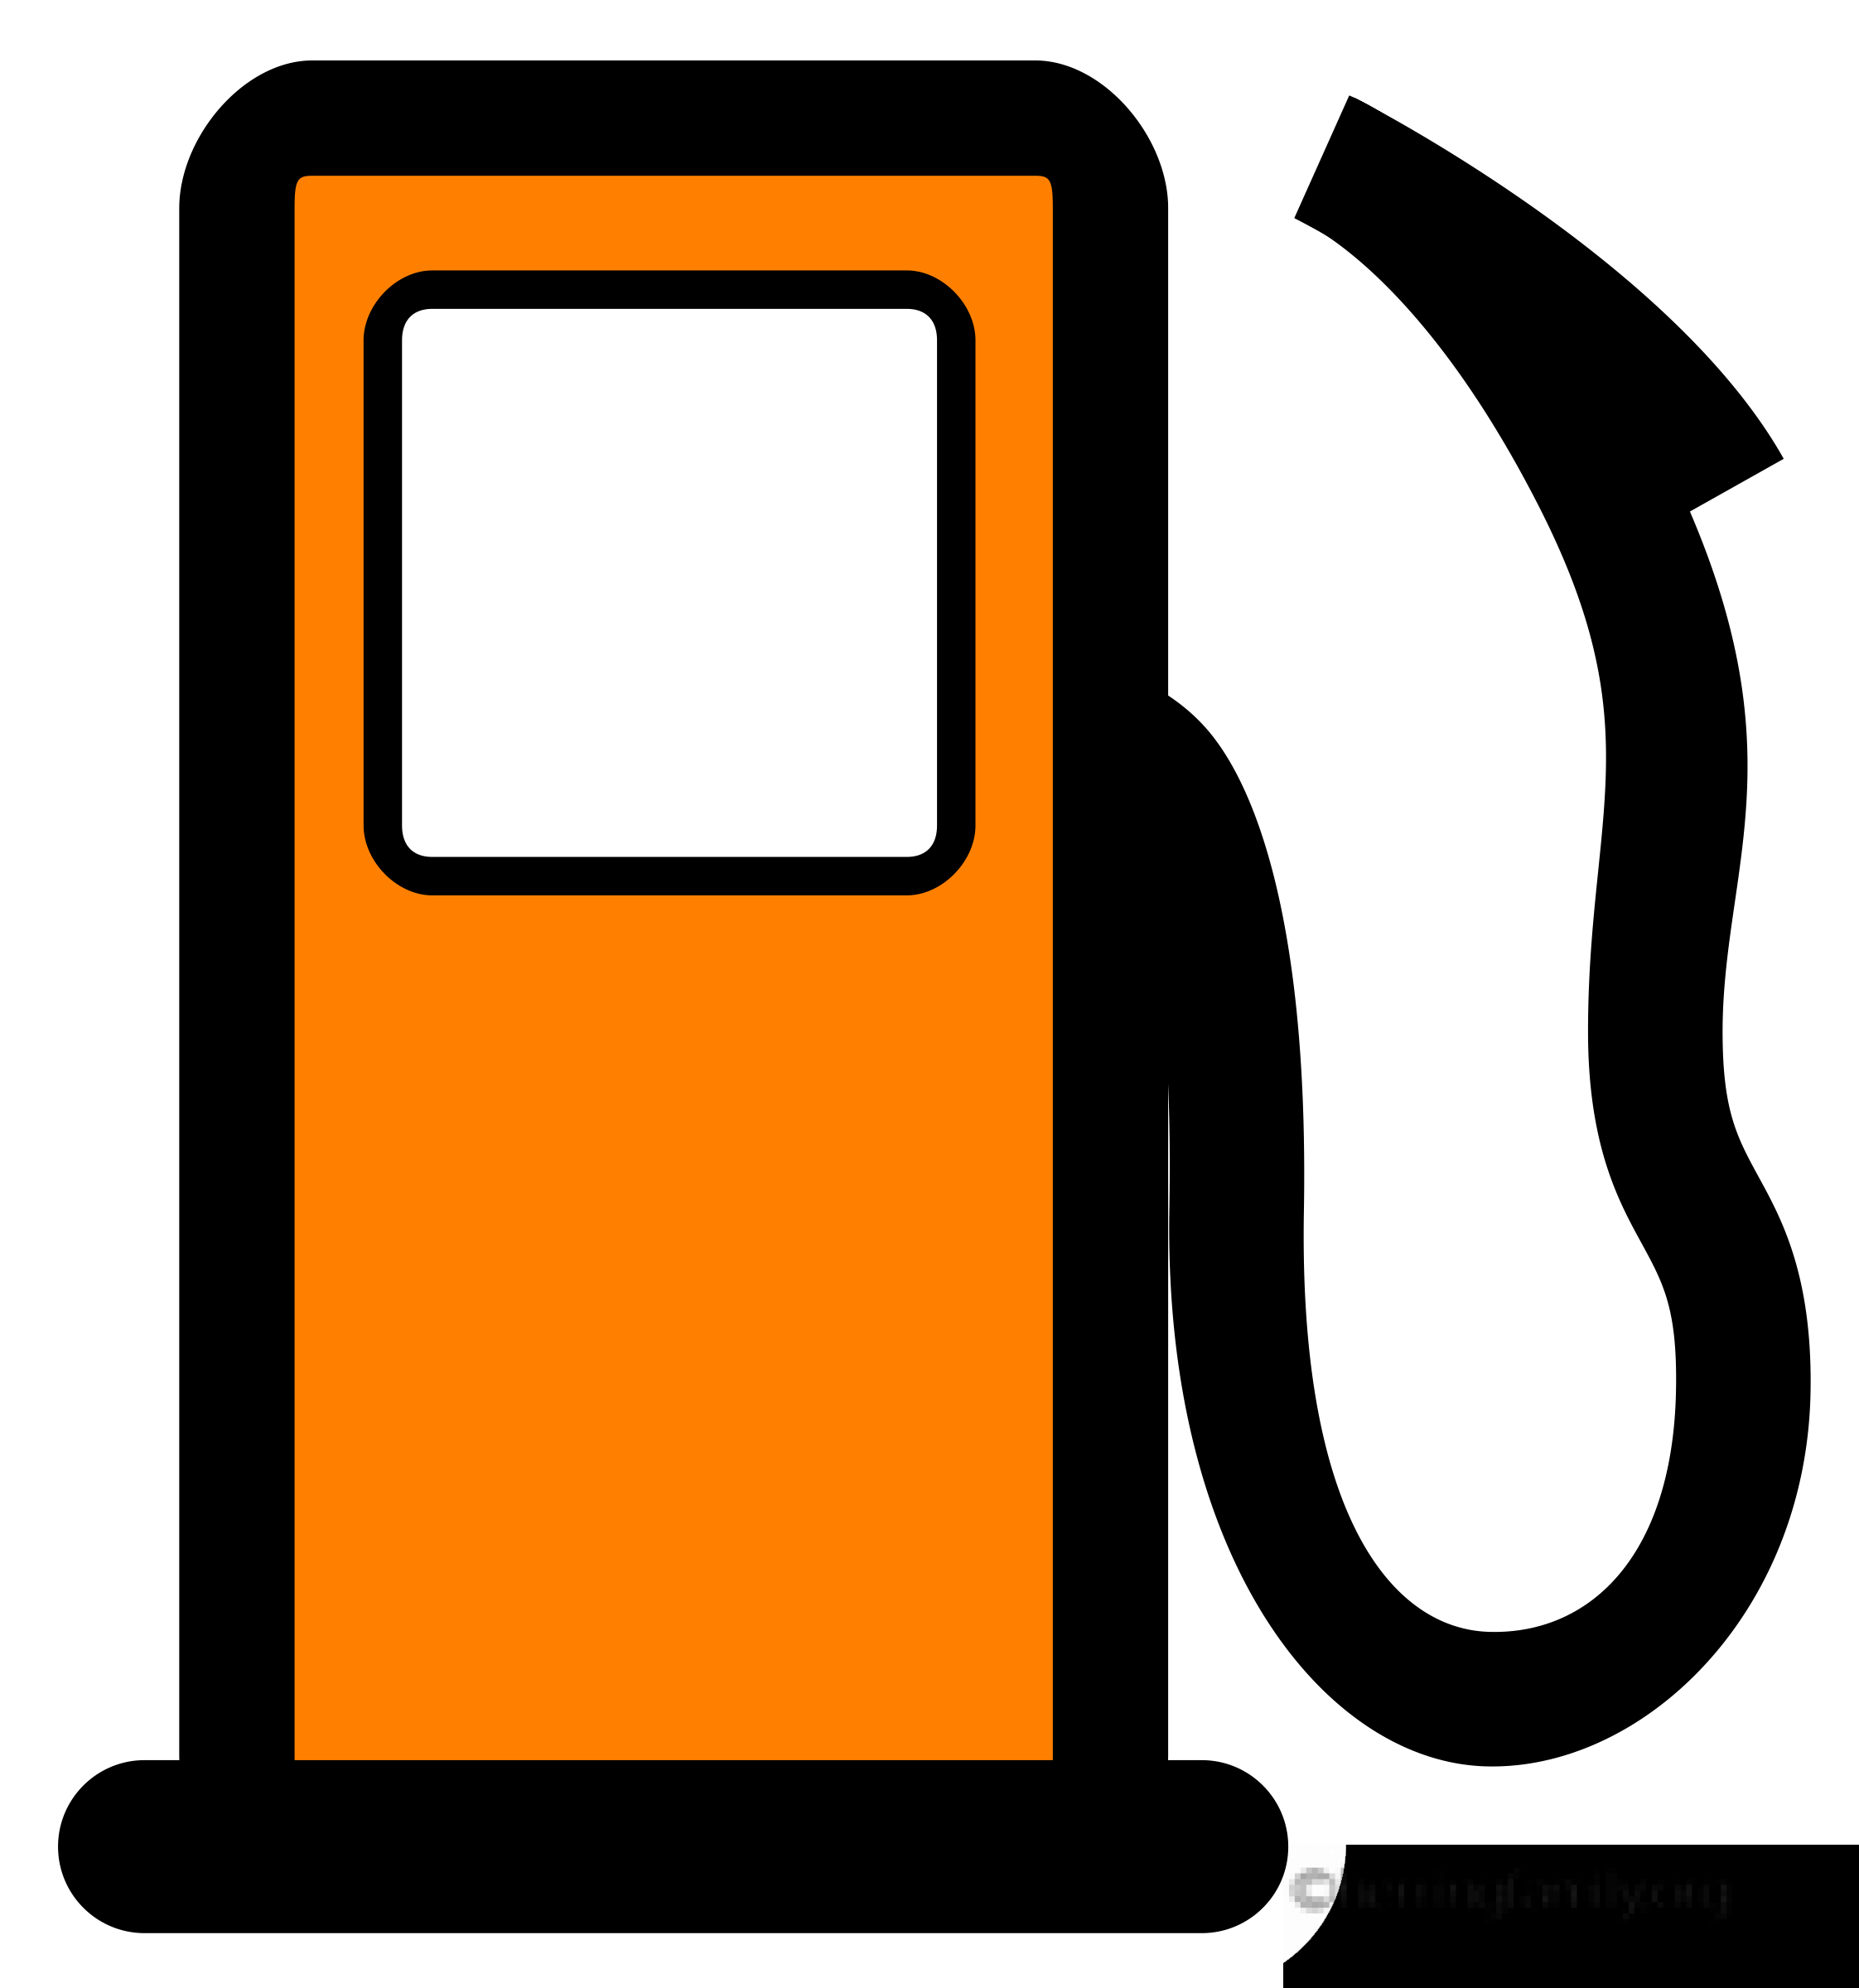 Carton of a Fuel Pump